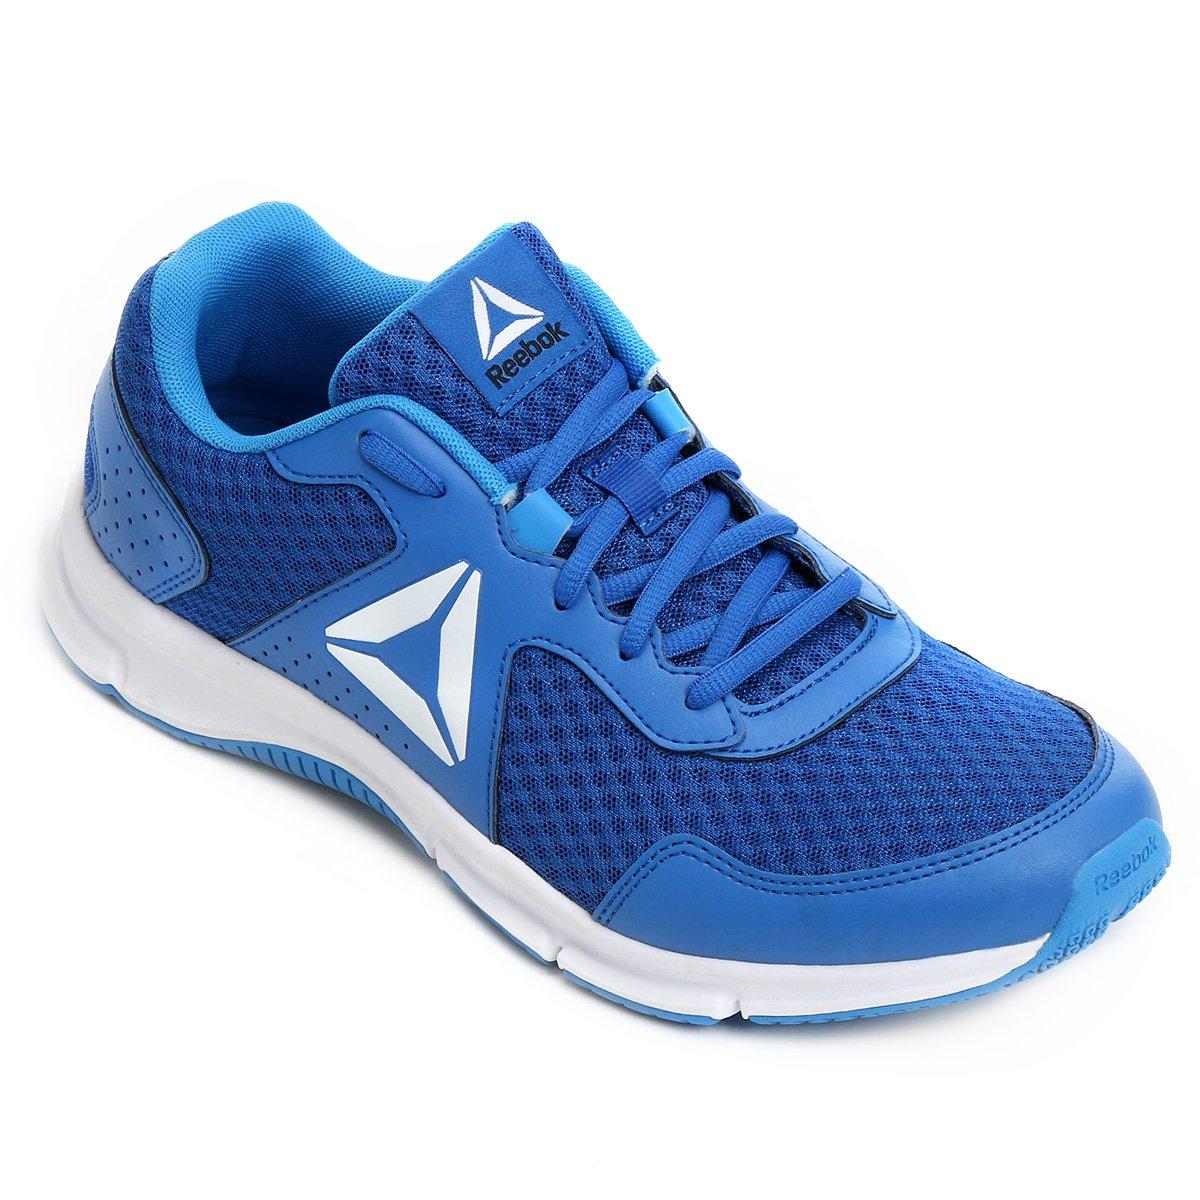 0425e980cc5 Tênis Reebok Canton Runner Masculino - Azul e Branco - Compre Agora ...